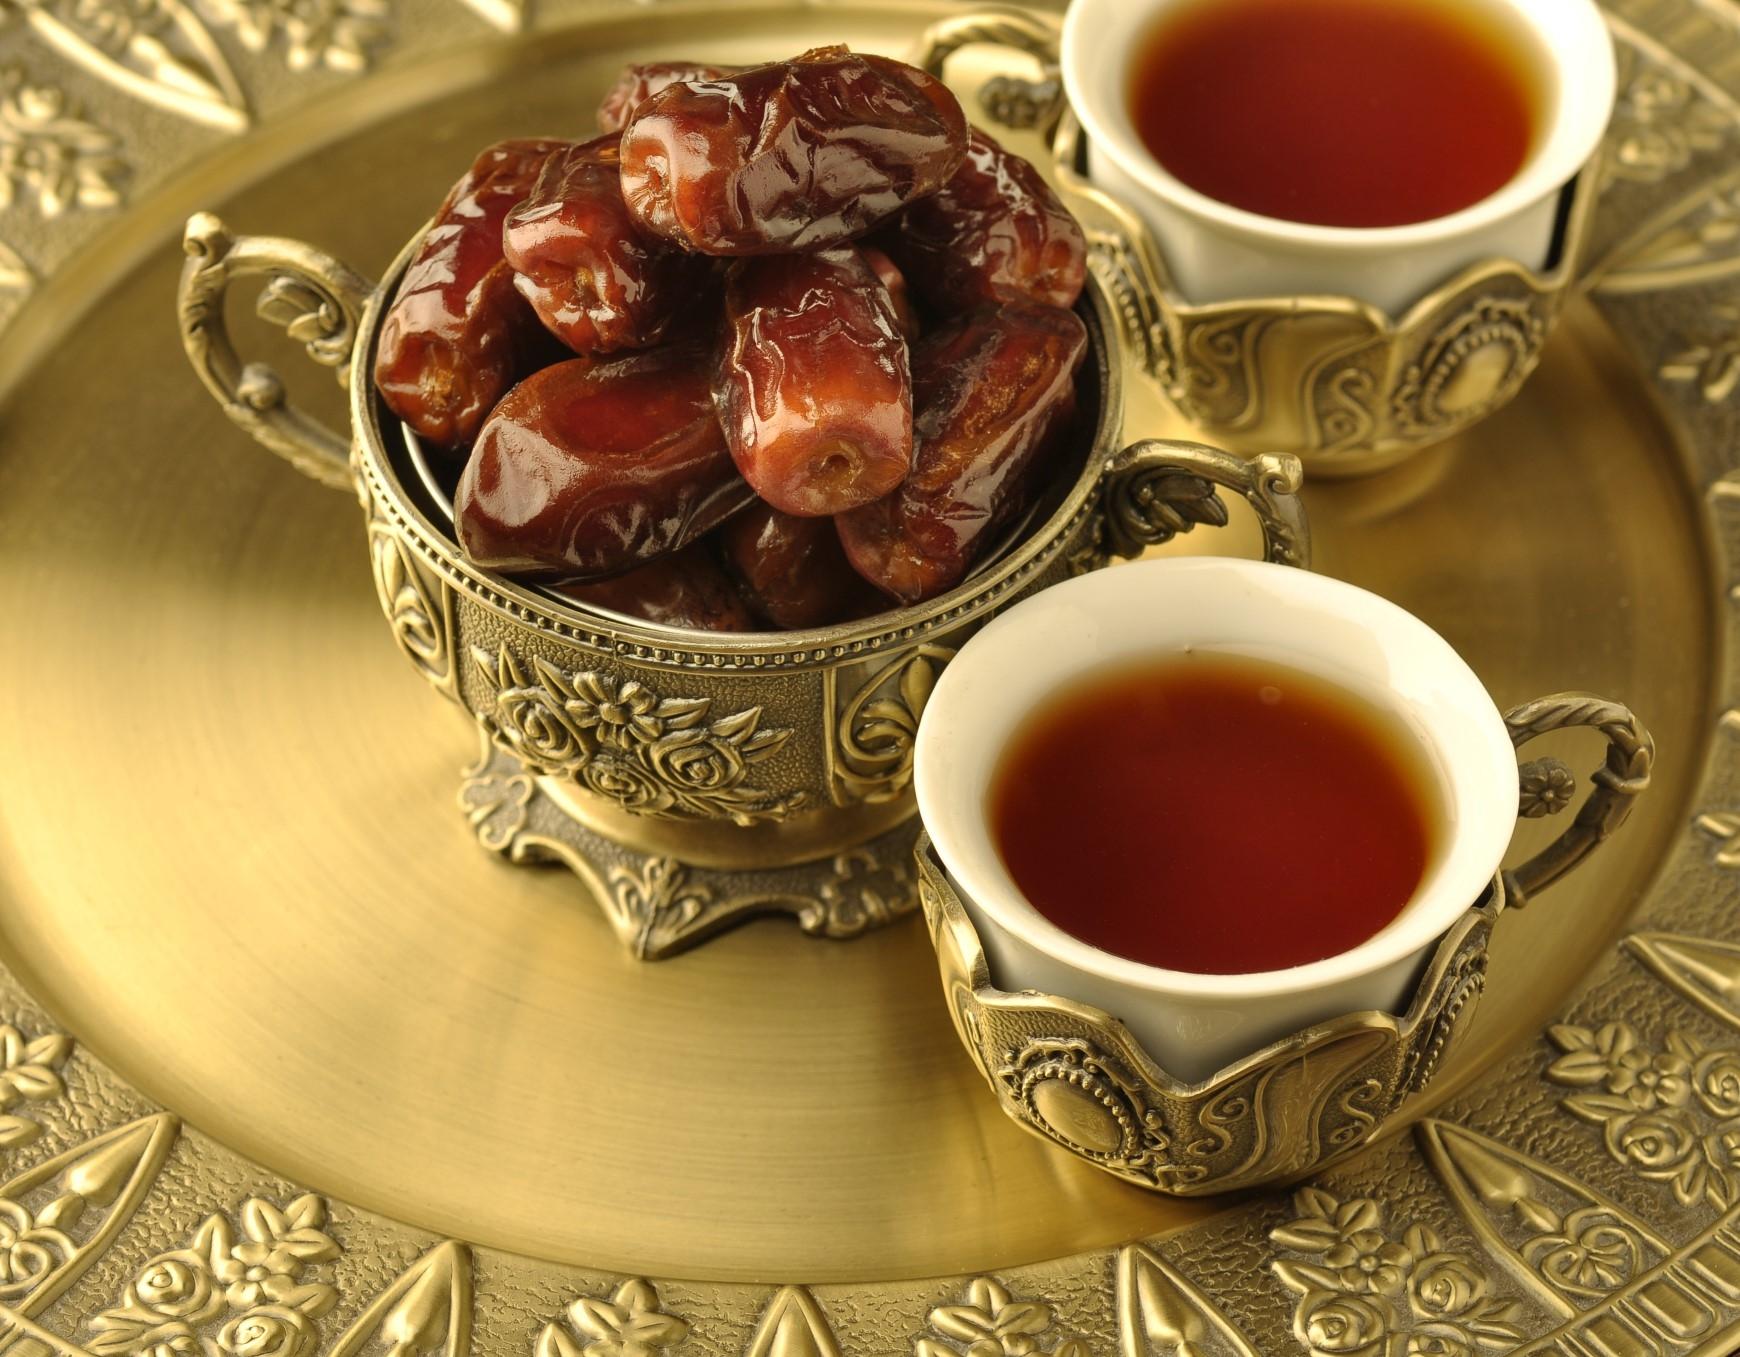 التمر والشاي في رمضان التمر والشاي في رمضان